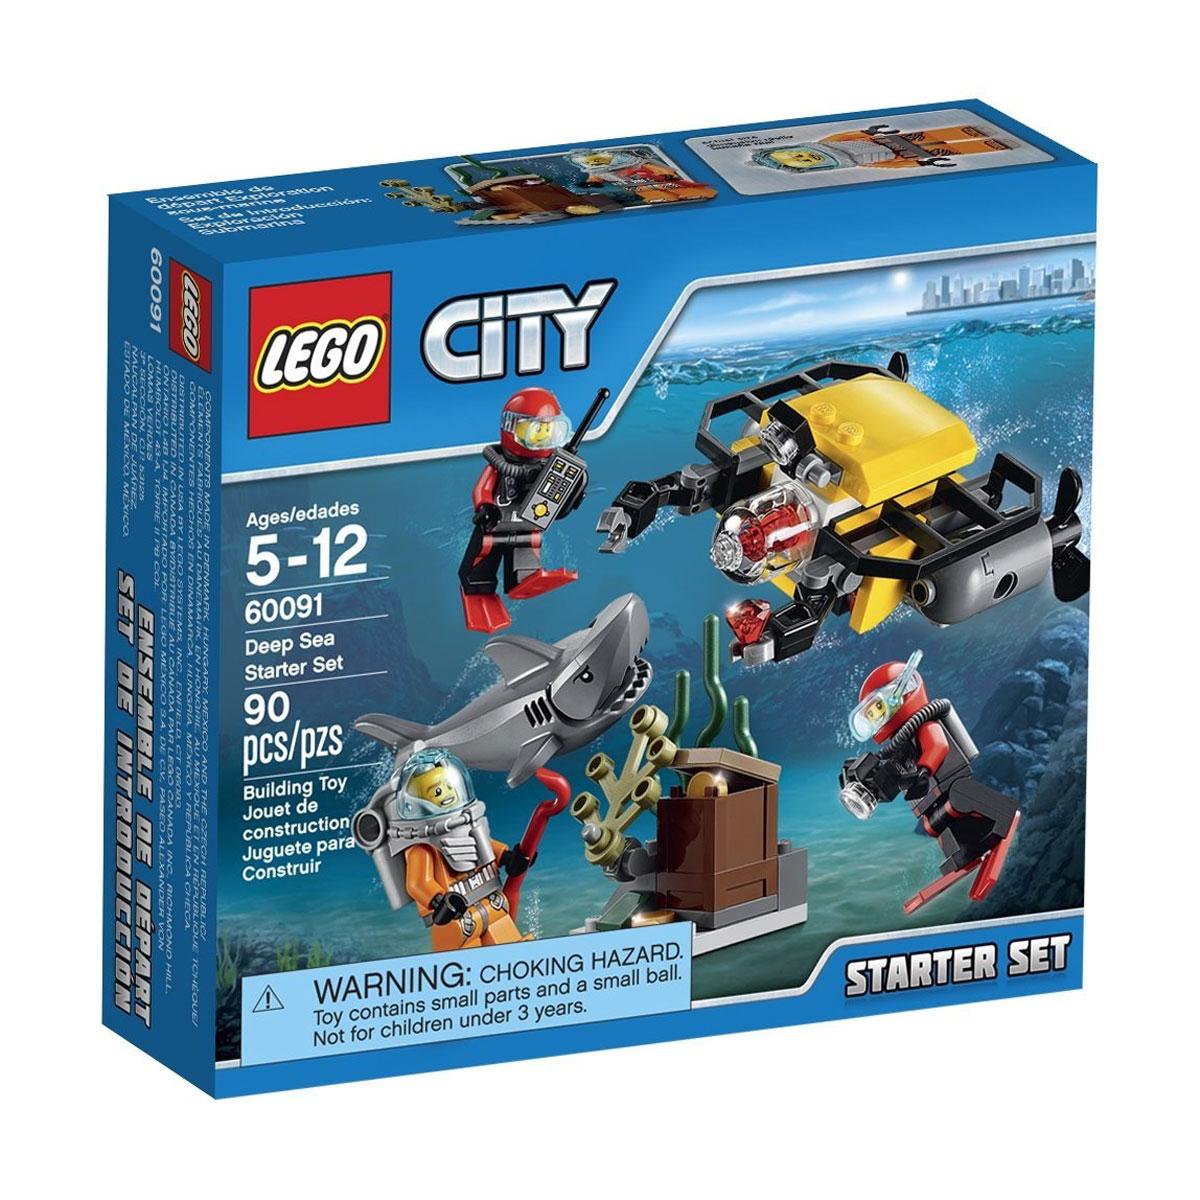 LEGO City Конструктор Исследование морских глубин 6009160091Присоединяйся к исследователям глубин Lego City в поиске потерянных сокровищ вместе с глубоководным набором для начинающих! Ныряльщик заметил загадочный сундук на морском дне и нуждается в твоей помощи, чтобы освободить его от водорослей. Возьми под свой контроль подлодку с дистанционным управлением и используй её мощные роботизированные захваты, чтобы освободить сундук и открыть скрытые в нём тайные сокровища. Но опасайся молниеносной акулы, которая скрывается в тёмной воде! В набор входят 3 минифигурки: глубоководный ныряльщик и 2 аквалангиста. В процессе игры с конструкторами LEGO дети приобретают и постигают такие необходимые навыки как познание, творчество, воображение. Обычные наблюдения за детьми показывают, что единственное, чему они с удовольствием посвящают время, - это игры. Игра - это состояние души, это веселый опыт познания реальности. Играя, дети создают собственные миры, осваивают их, восстанавливают прошедшие и будущие события через понарошку, познавая -...